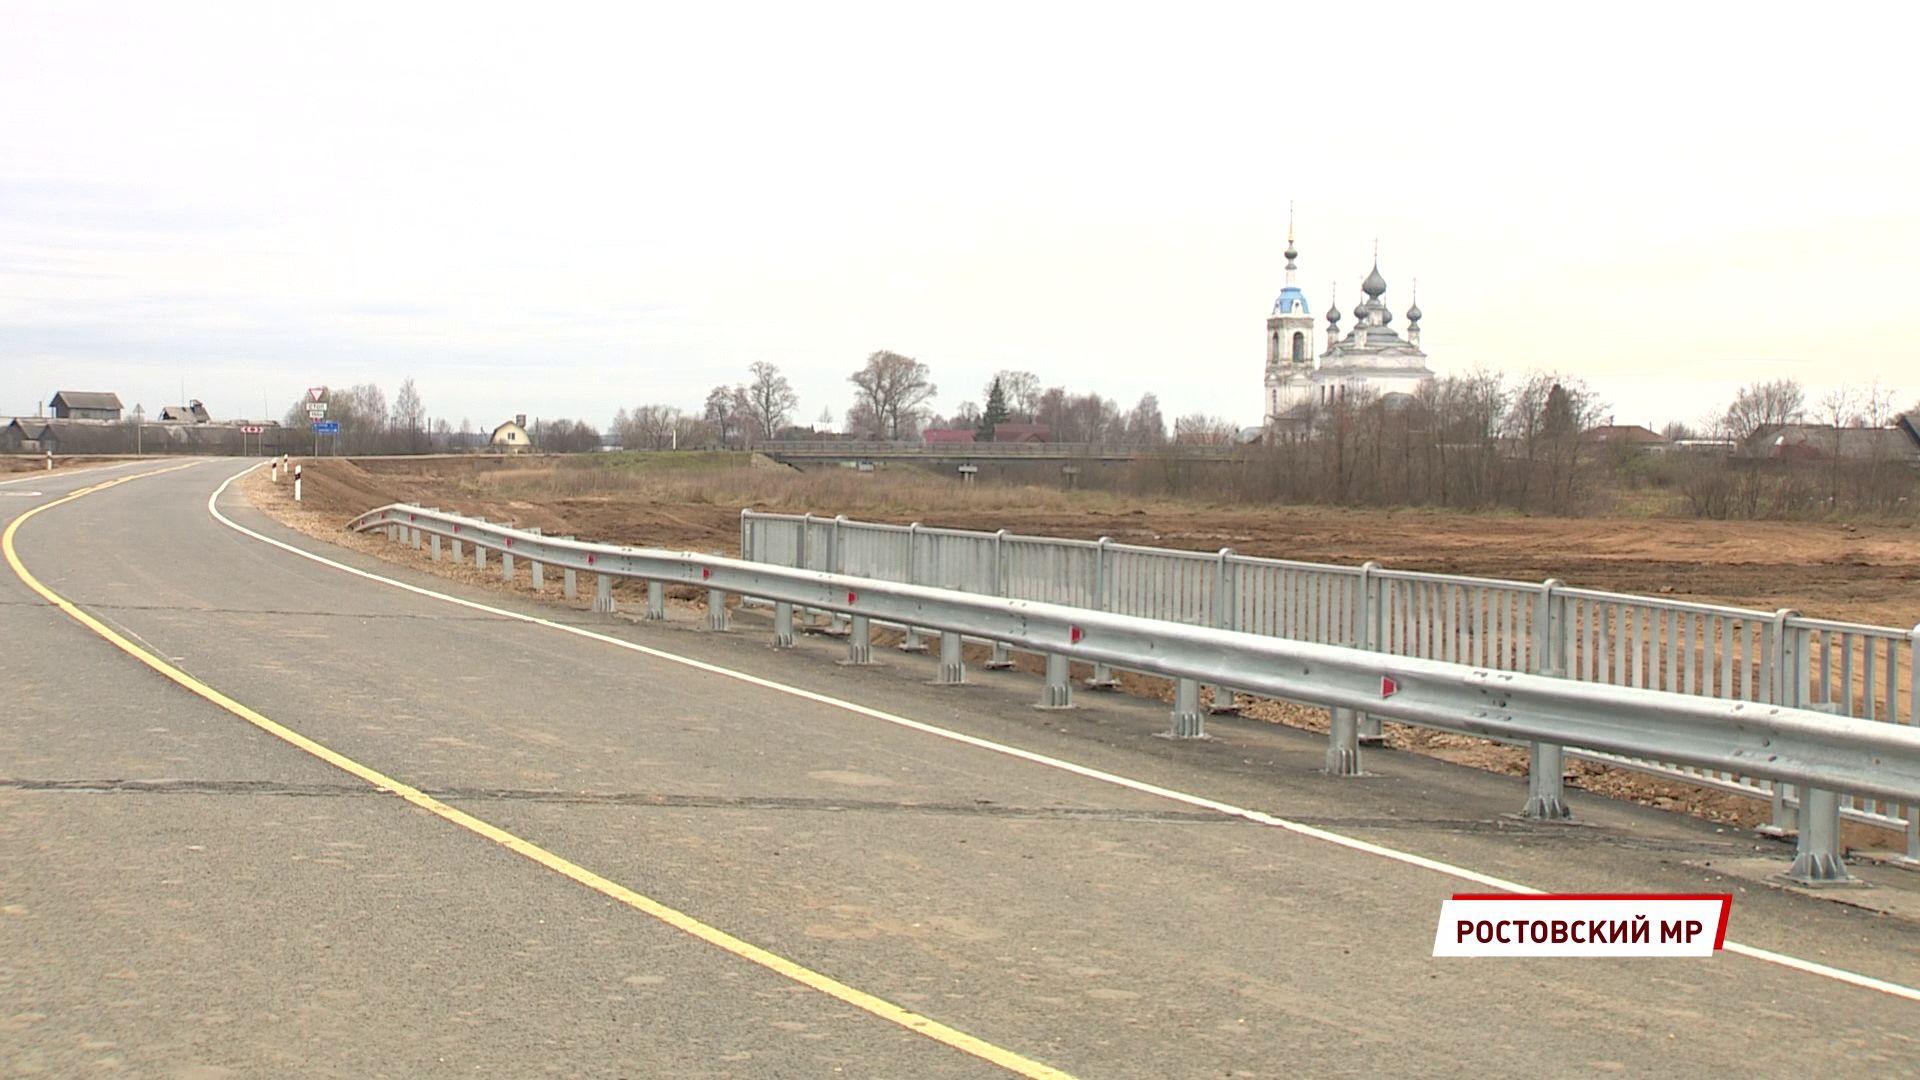 В Ростовском районе построили новый мост